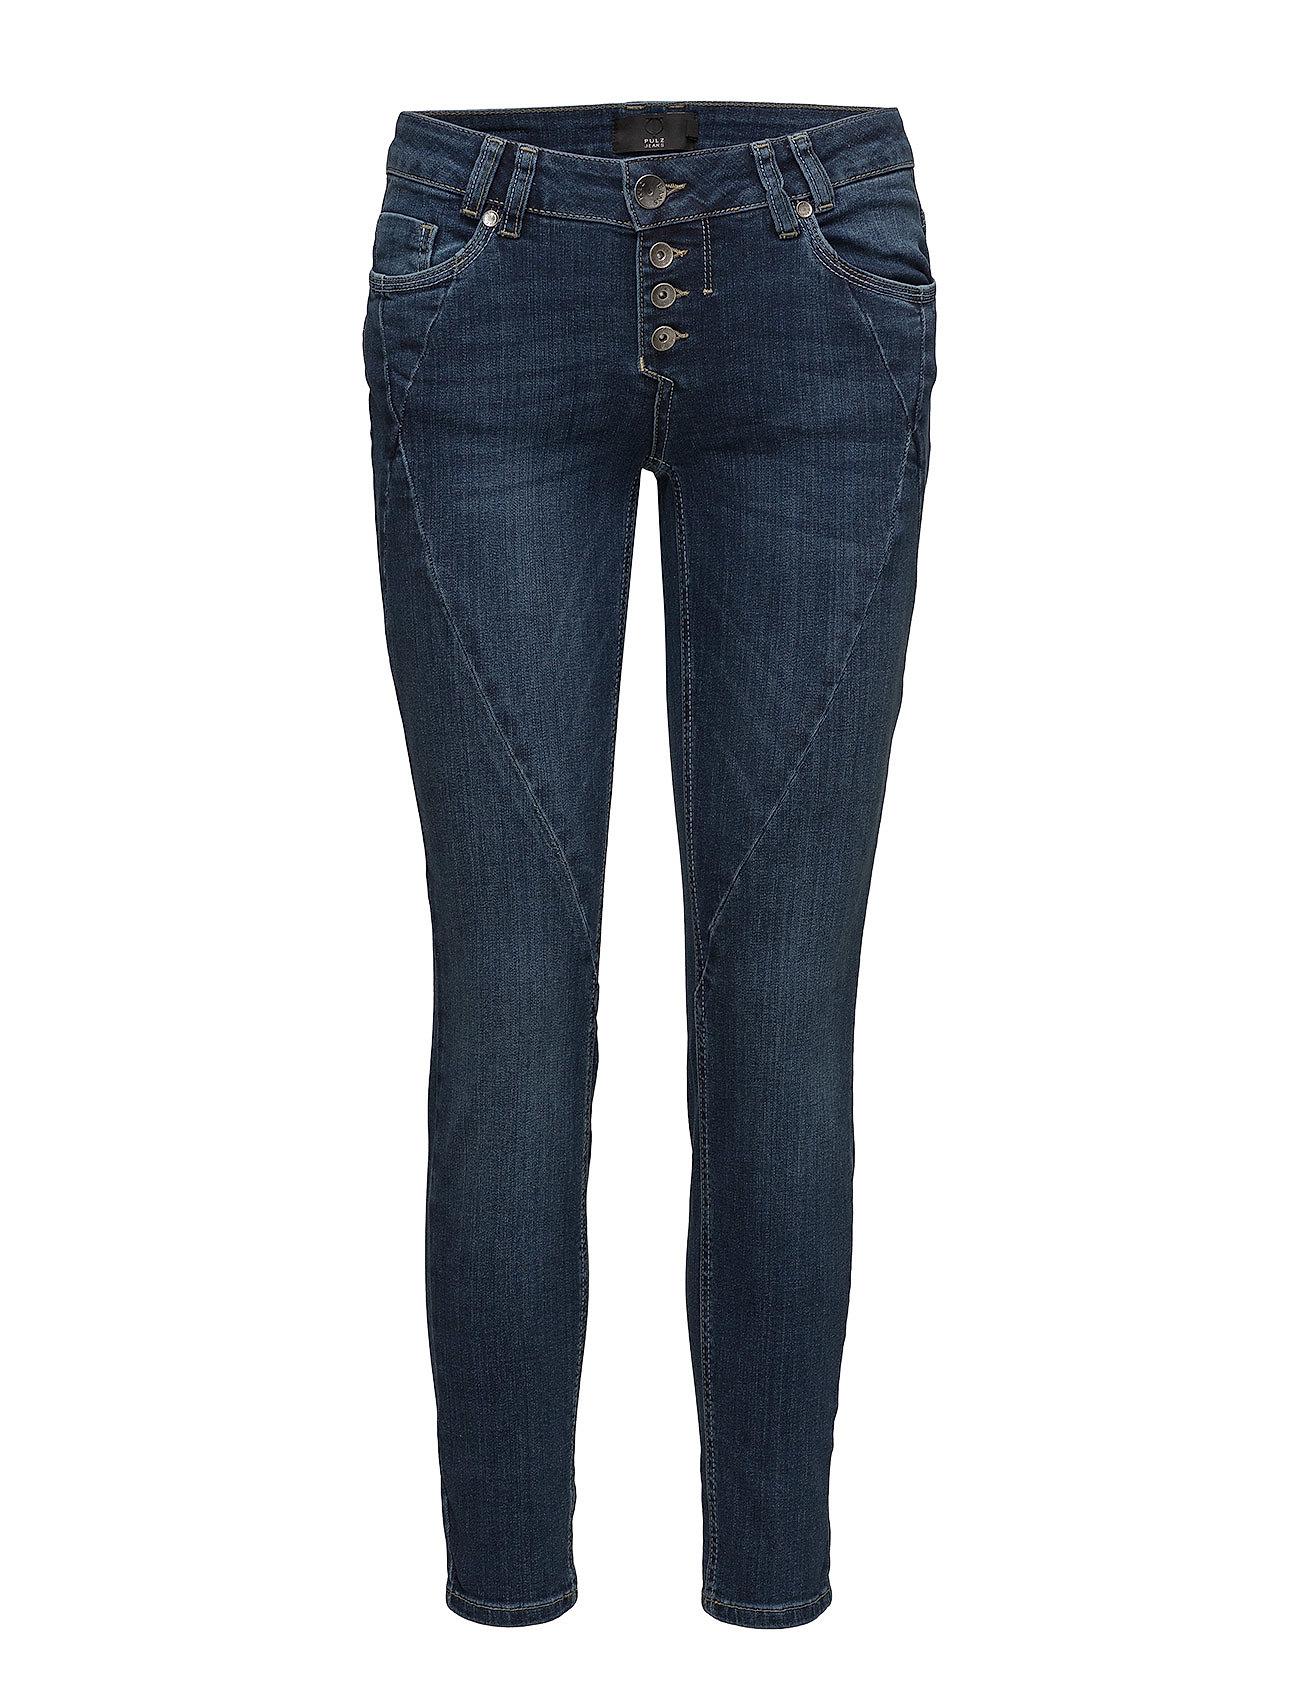 Pulz Jeans Rosita Midtwaist Ankle - MEDIUM BLUE DENIM